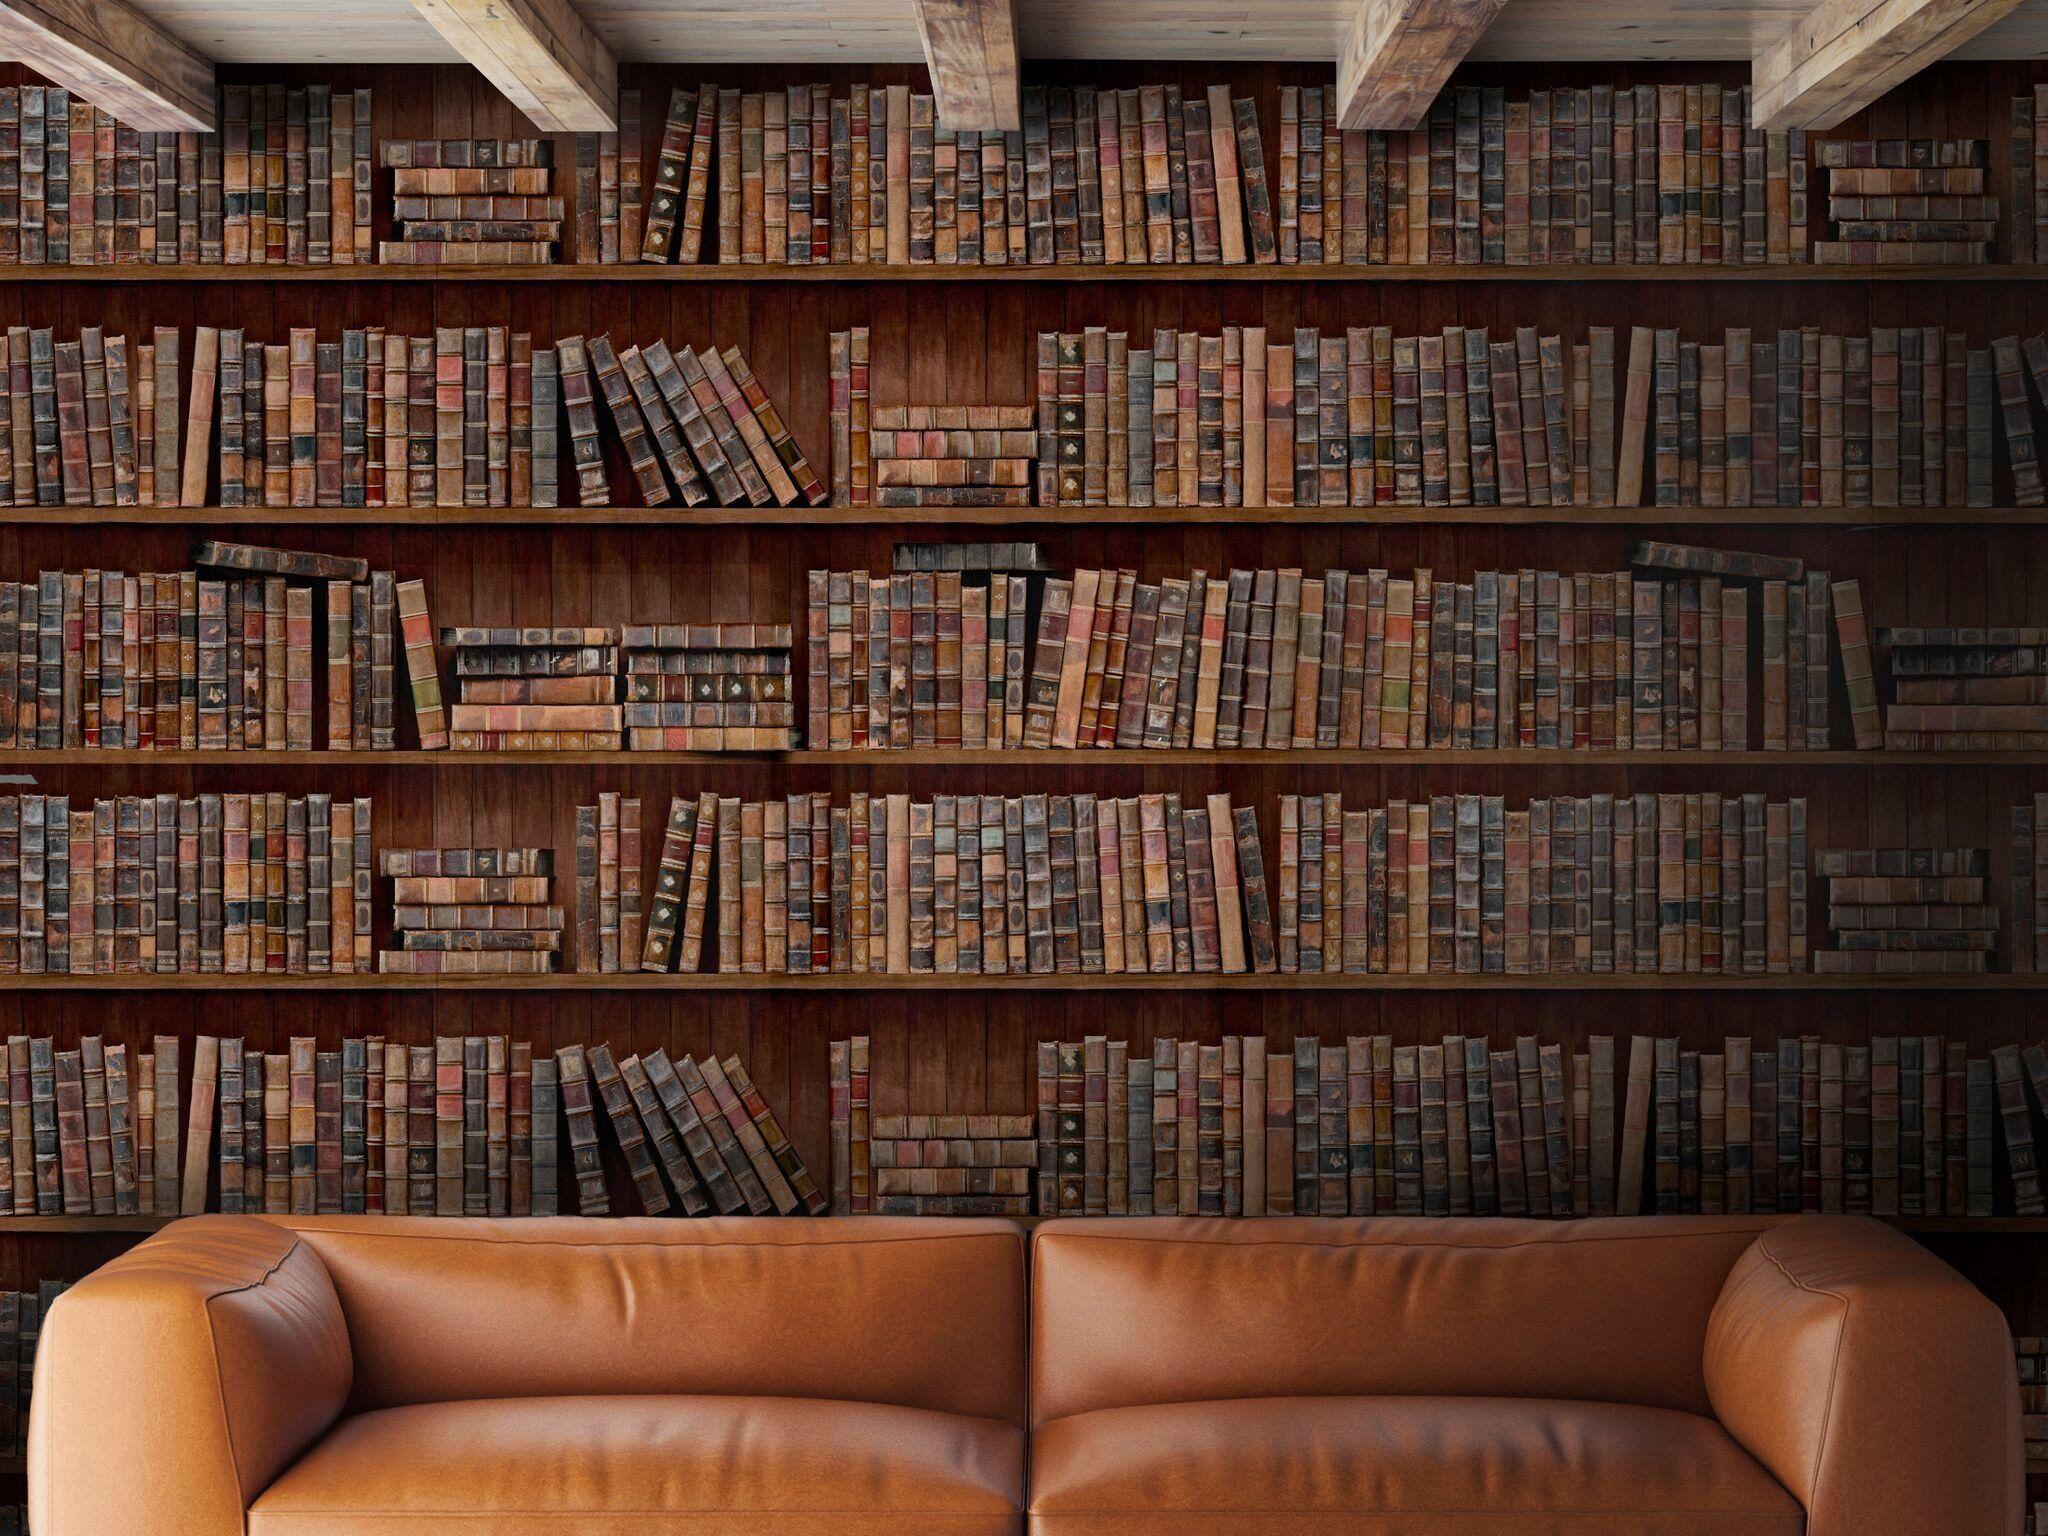 Mind The Gap Heavy Duty Book Shelf Effect Wallpaper